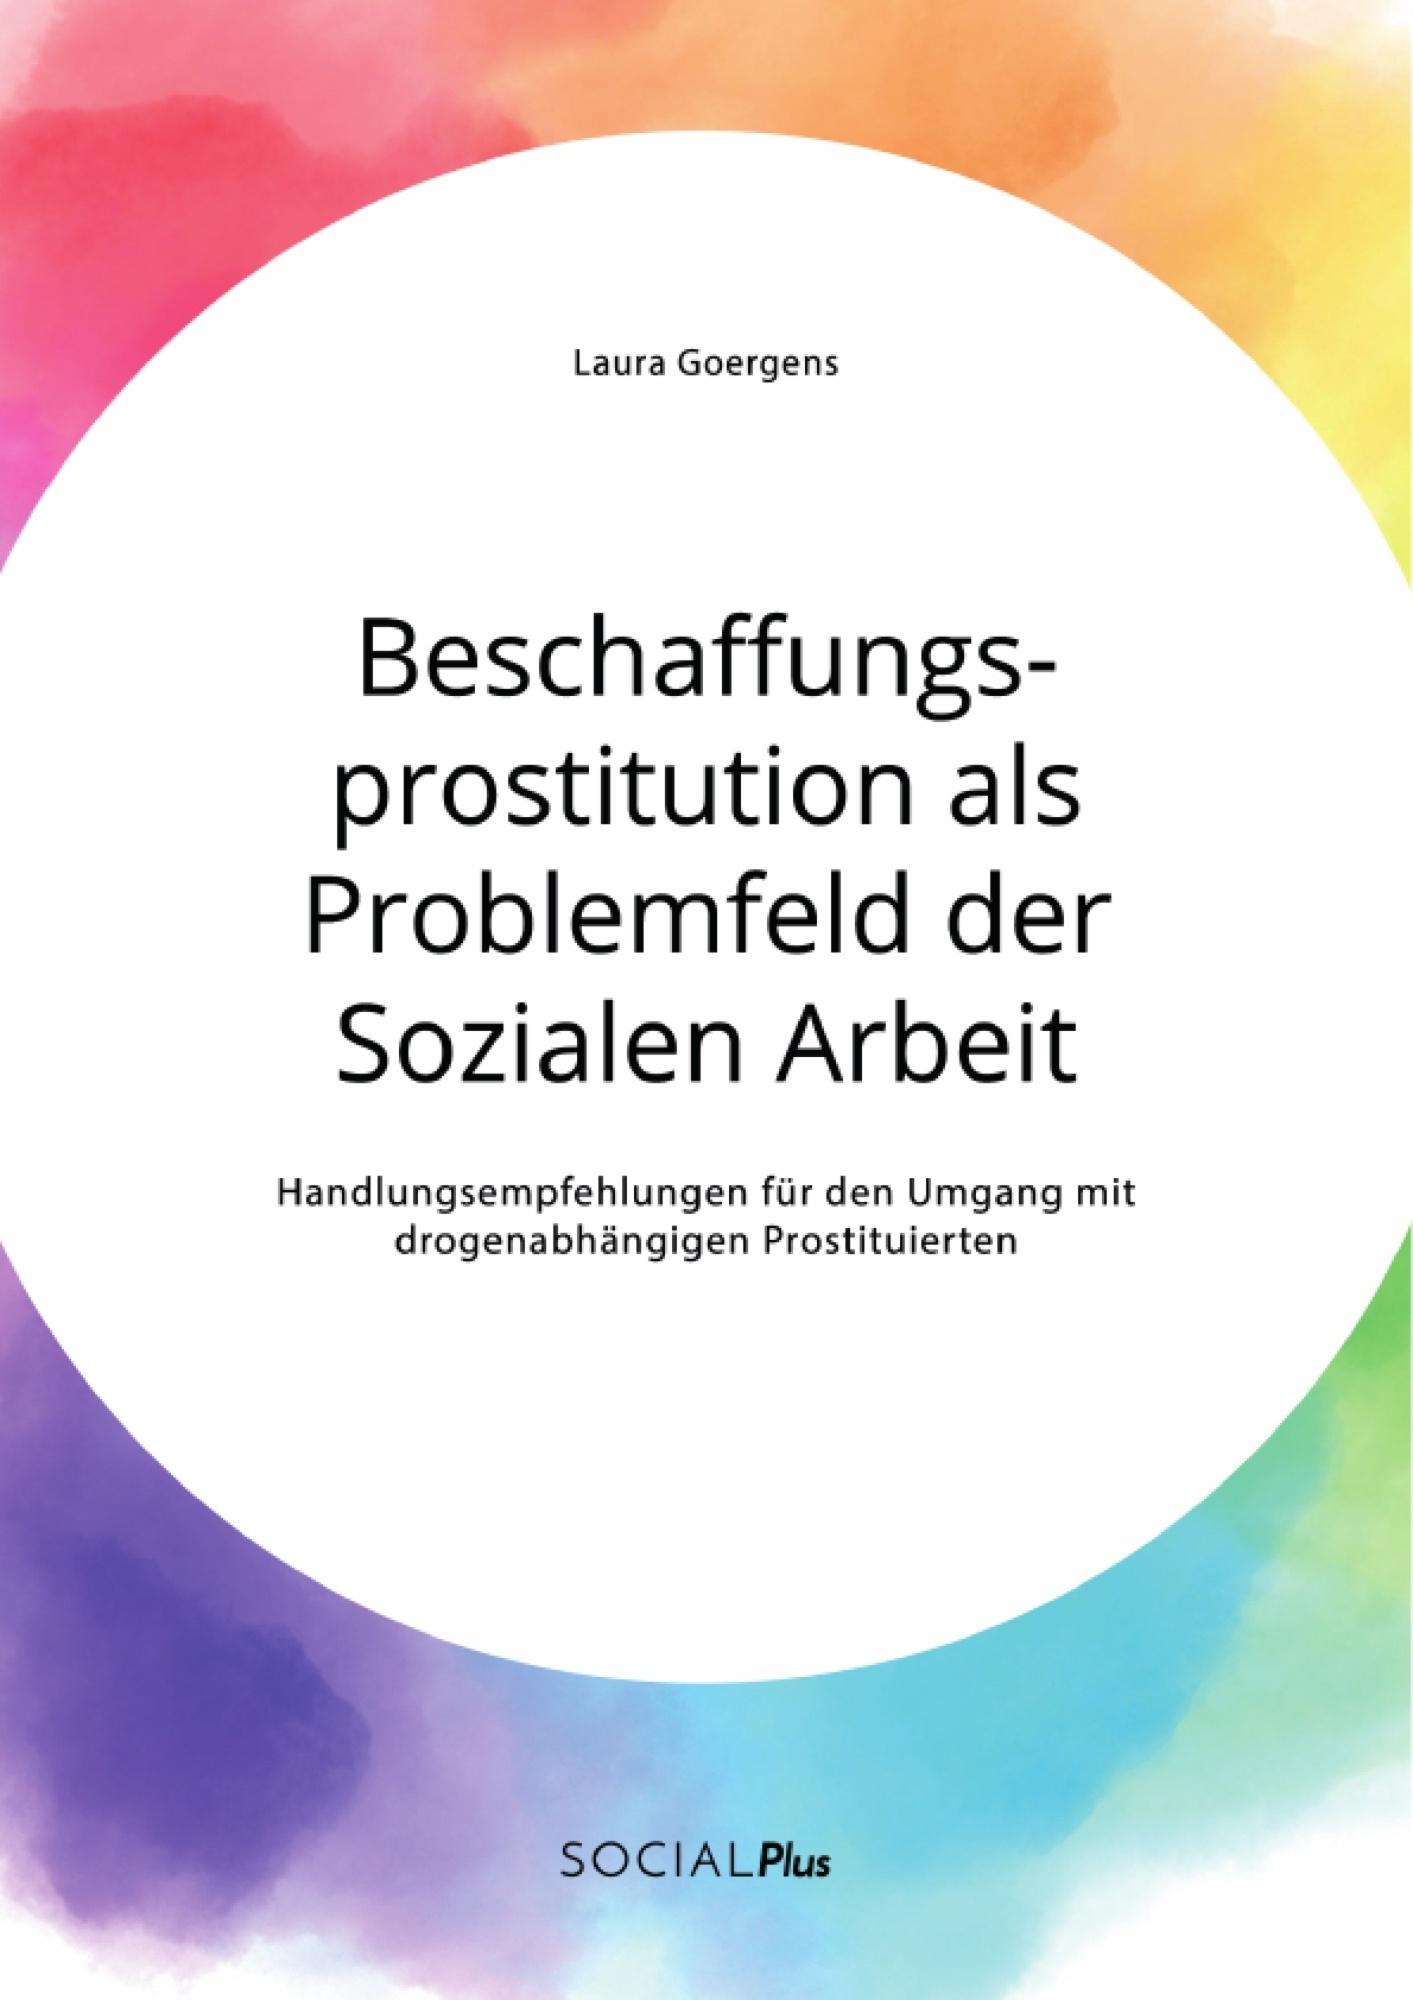 Titel: Beschaffungsprostitution als Problemfeld der Sozialen Arbeit. Handlungsempfehlungen für den Umgang mit drogenabhängigen Prostituierten